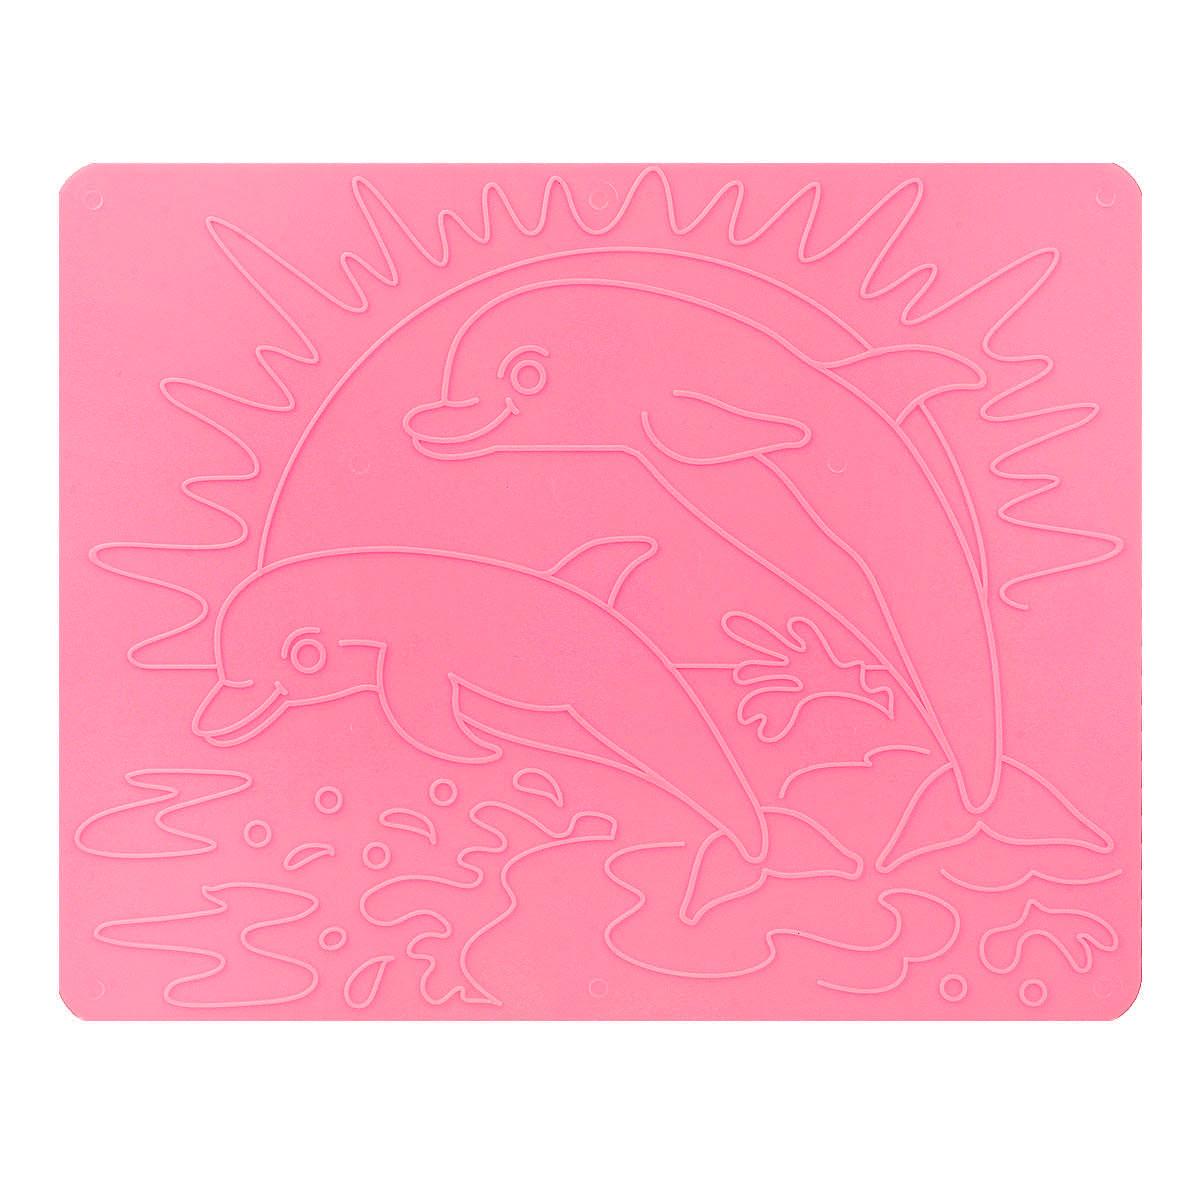 Луч Трафарет рельефный Дельфины цвет розовый18С 1178-08_розовыйТрафарет рельефный Луч Дельфины, выполненный из безопасного пластика, предназначен для детского творчества. Трафарет не имеет традиционных прорезей - рисунок выступает над плоской поверхностью. Чтобы получить рисунок на бумаге, трафарет кладется под лист, а сверху бумага штрихуется с помощью восковых карандашей. Метод штриховки особенно полезен при подготовке ребенка к школе, развивается мелкая моторика, зрительное восприятие, аккуратность, и вместе с тем, ребенок с увлечением учится рисовать. Также трафарет предназначен для развития зрительно-двигательной координации и навыков художественной композиции. В упаковке один двусторонний трафарет с изображением дельфинов. Трафарет предназначен для работы с восковыми карандашами.